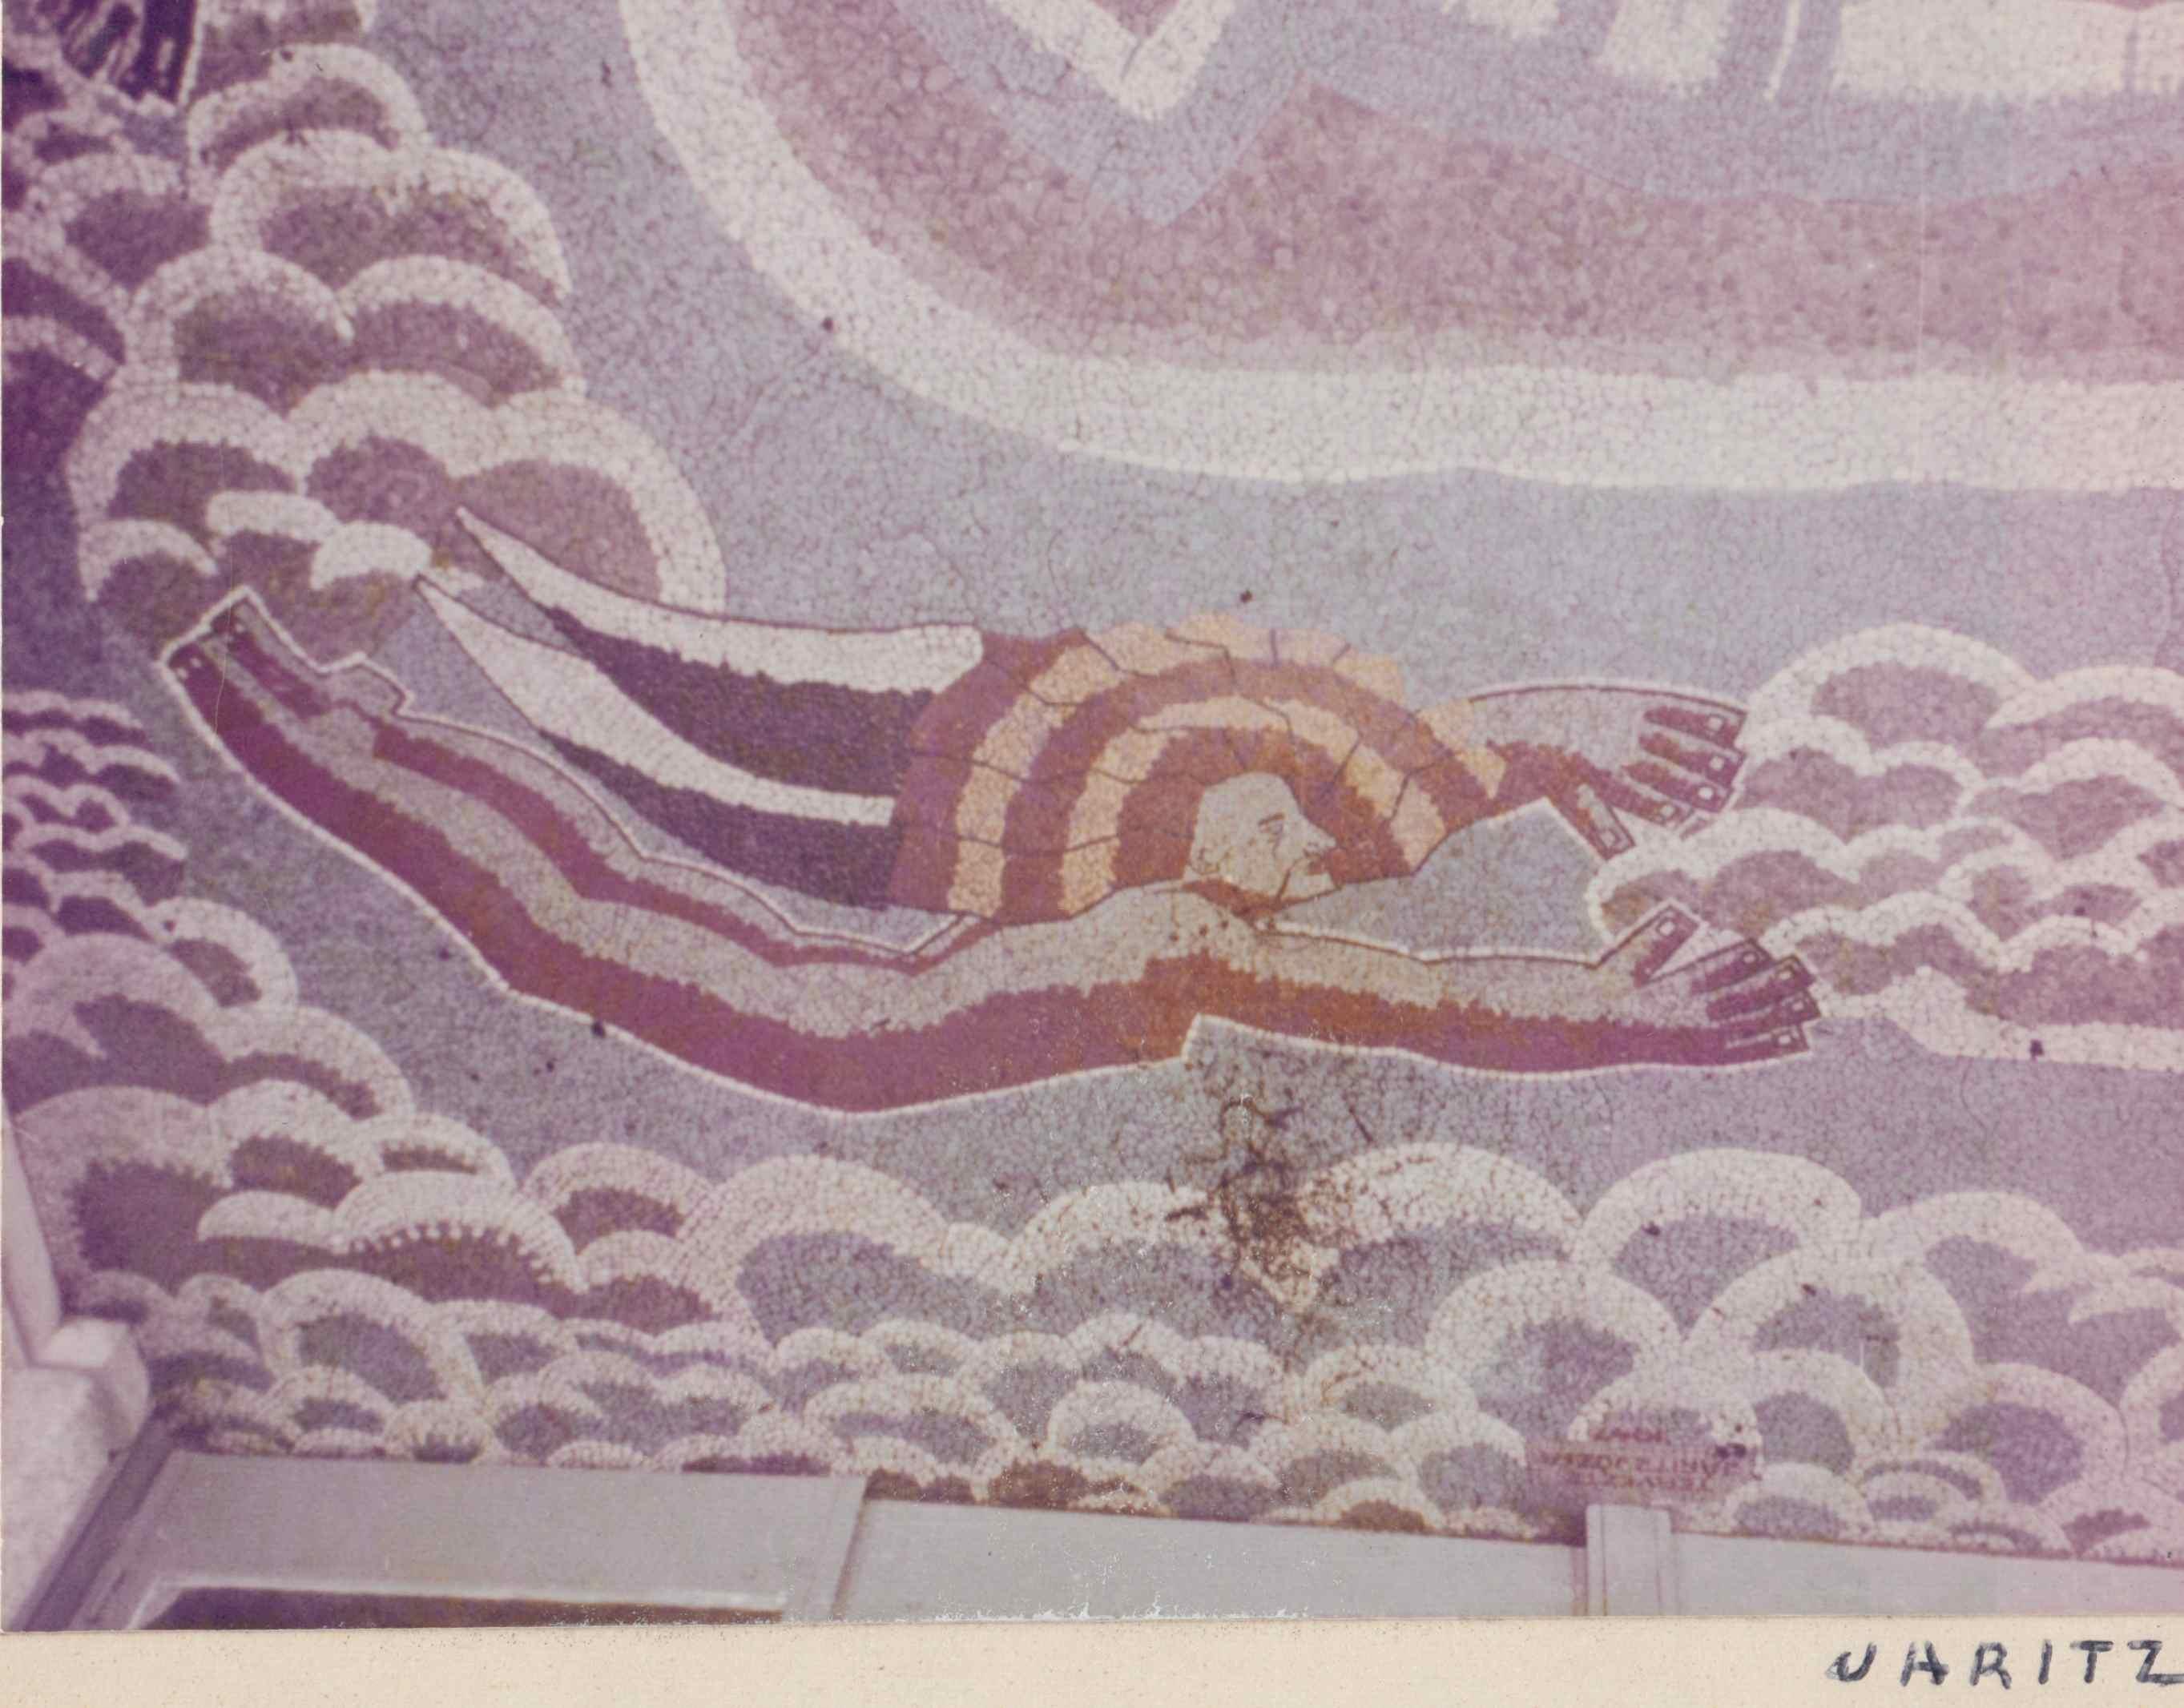 A képet Járitz István adta. Sajnos nem tudjuk pontosan ezek a mozaikok hol voltak, talán a terasz padlóját díszítették, de mindegyik Járitz Józsa alkotása.